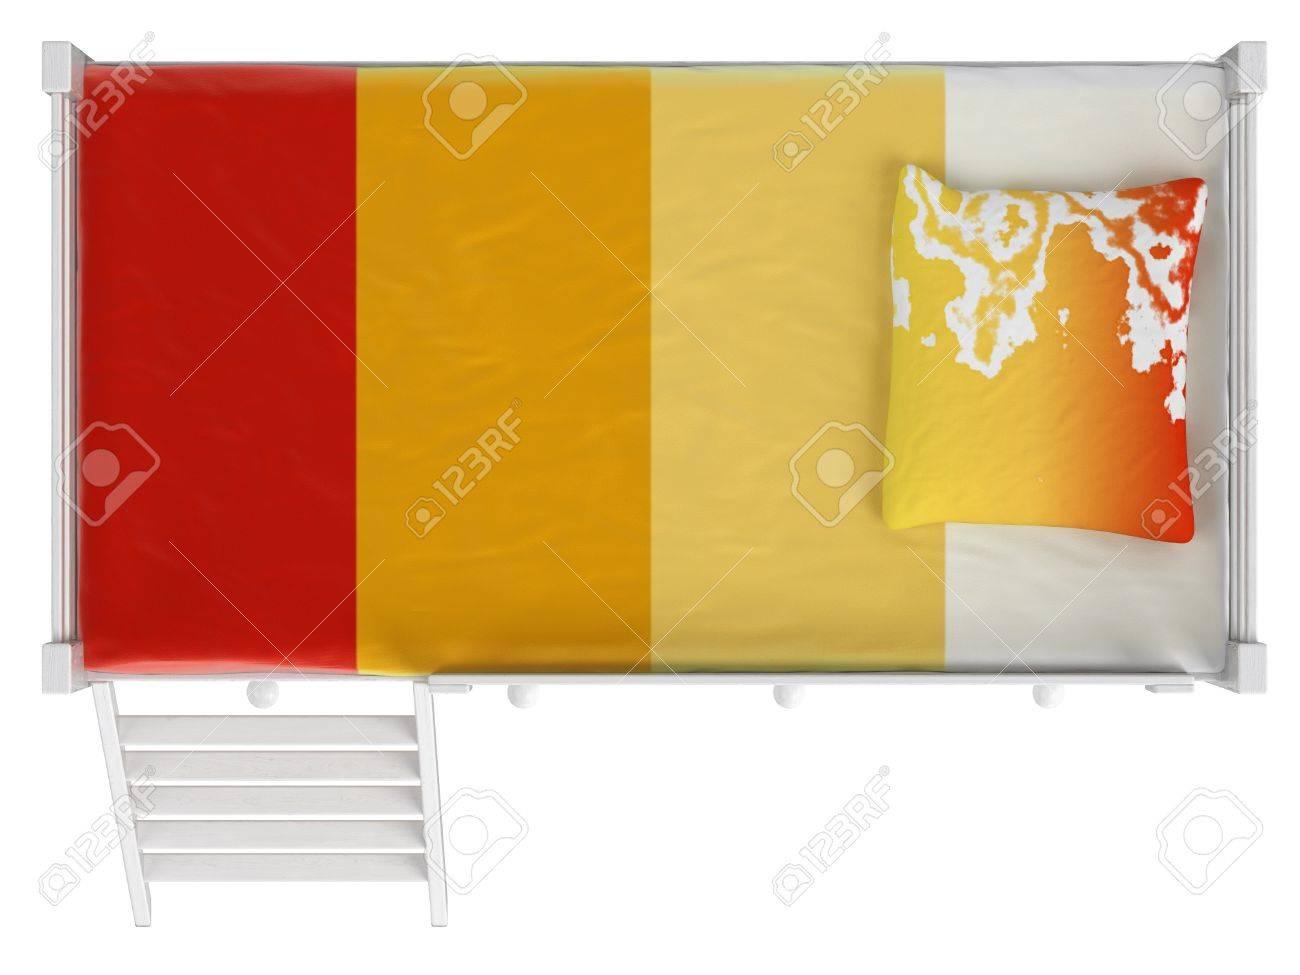 Doppel Etagenbett : Doppel etagenbett mit schubladen und eine leiter weiß lackiert